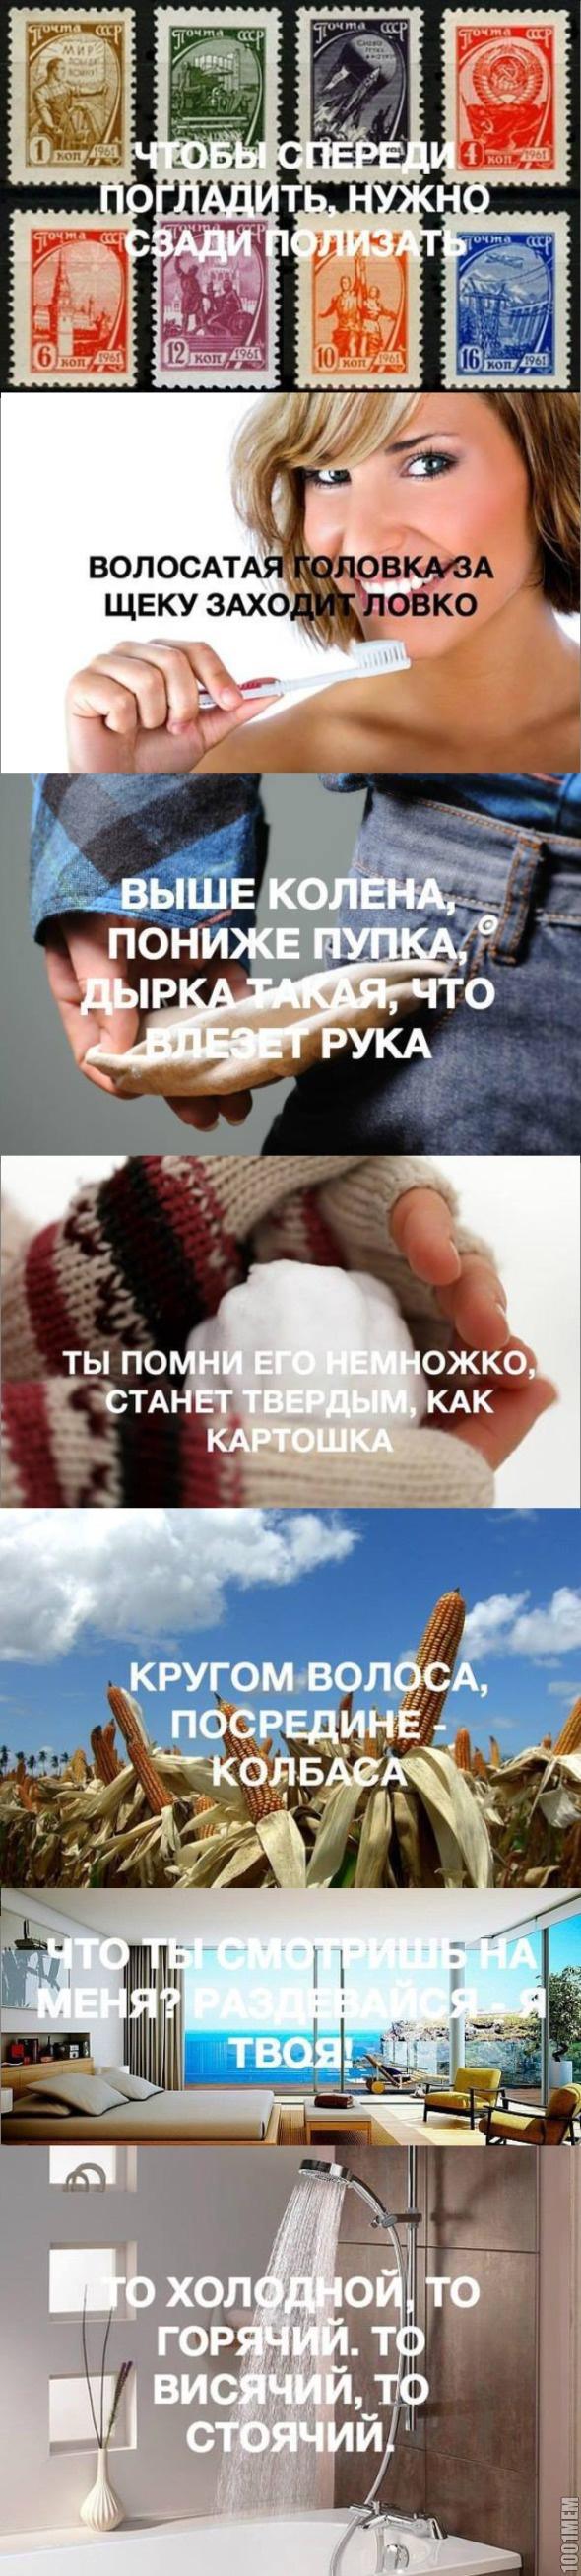 Подборка советских загадок)